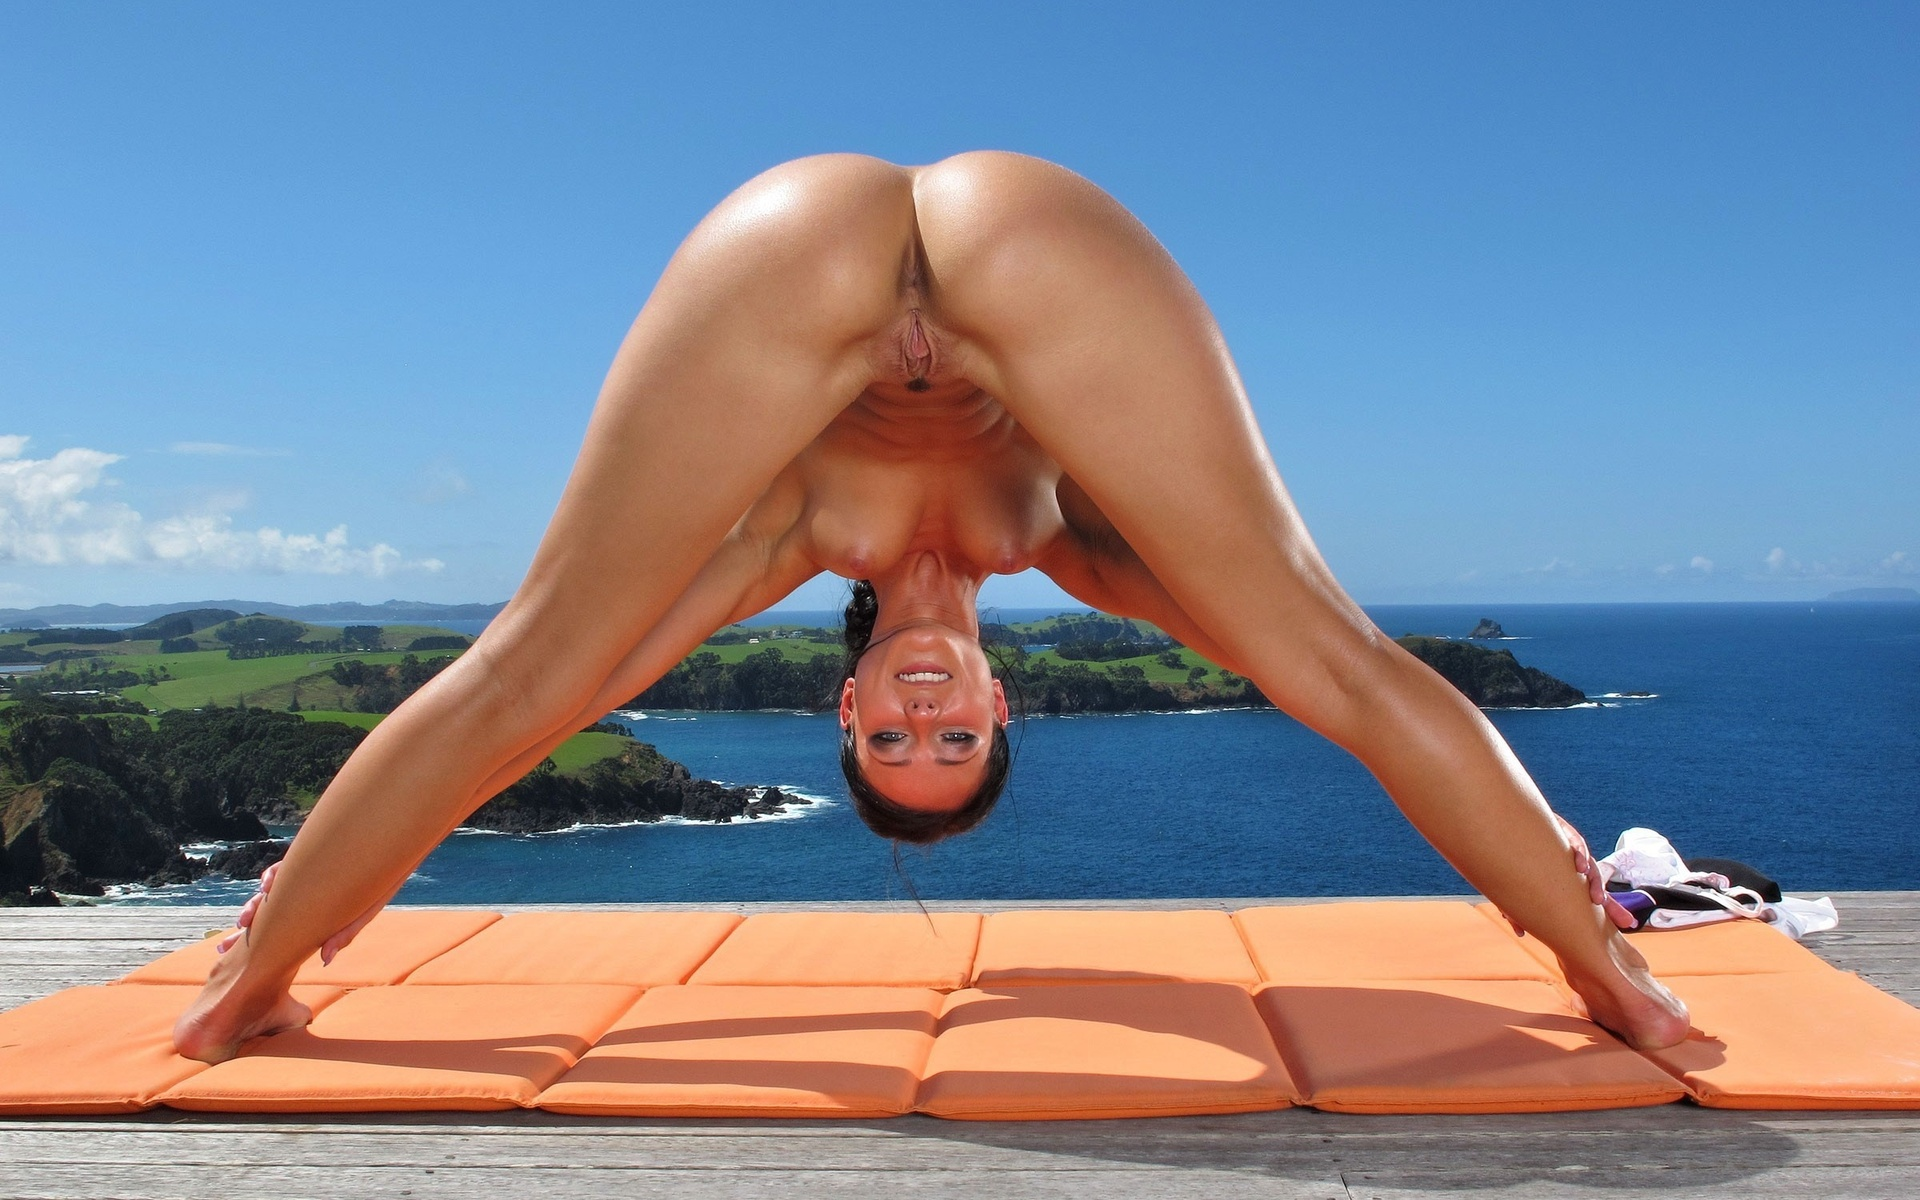 Видео гимнастика с сильным сексом на пляже